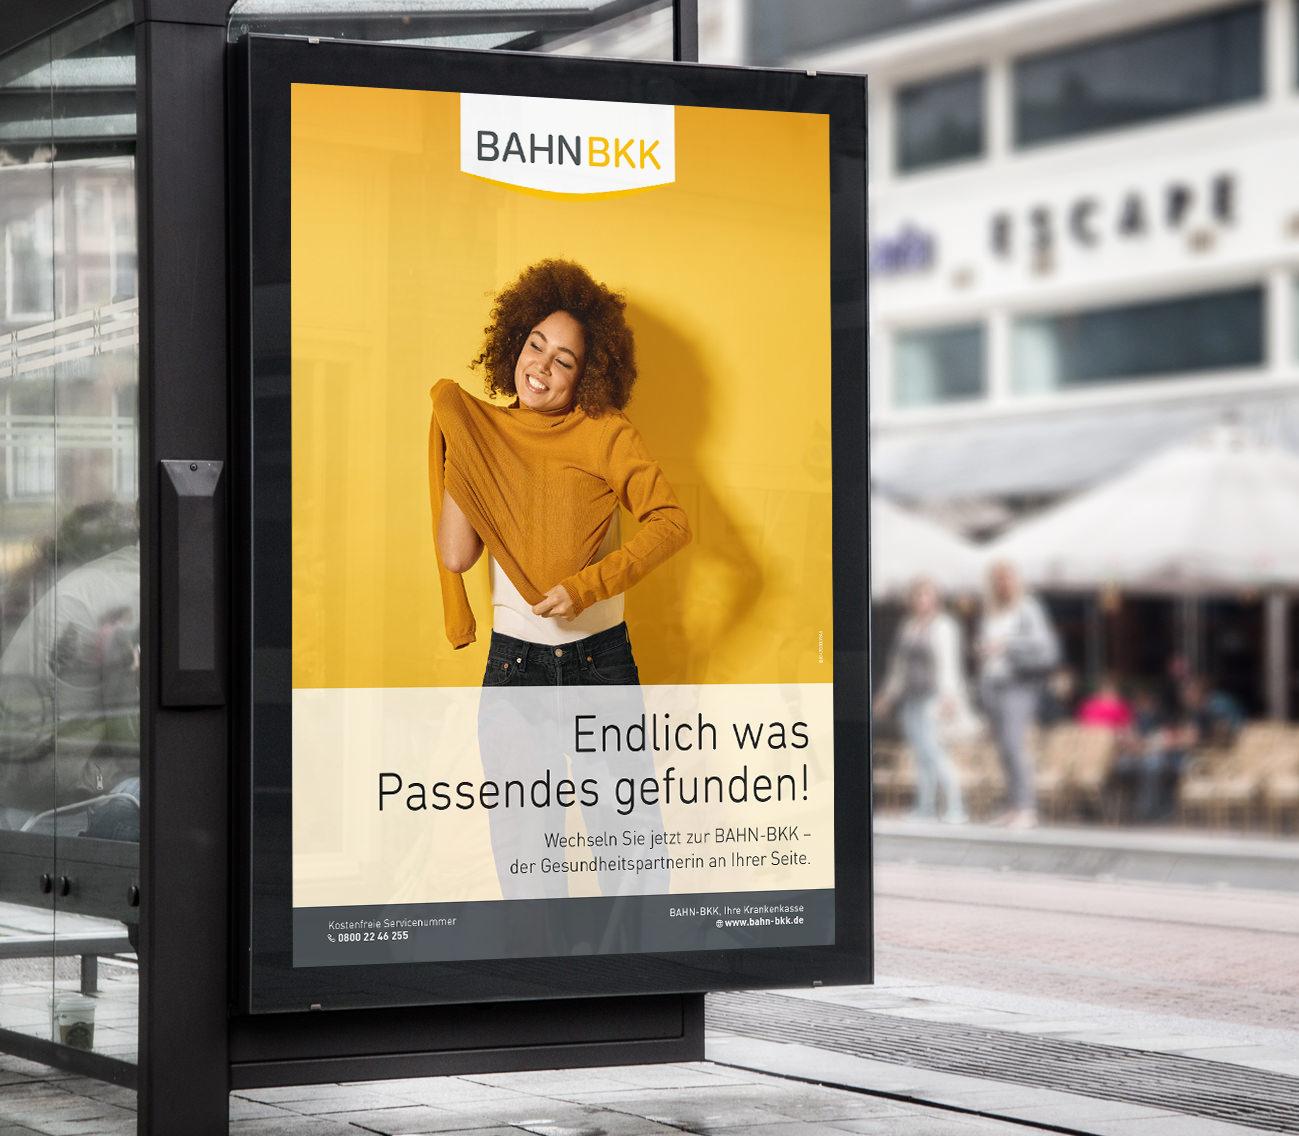 Imagekampagne 04 (BAHN-BKK, Marke)